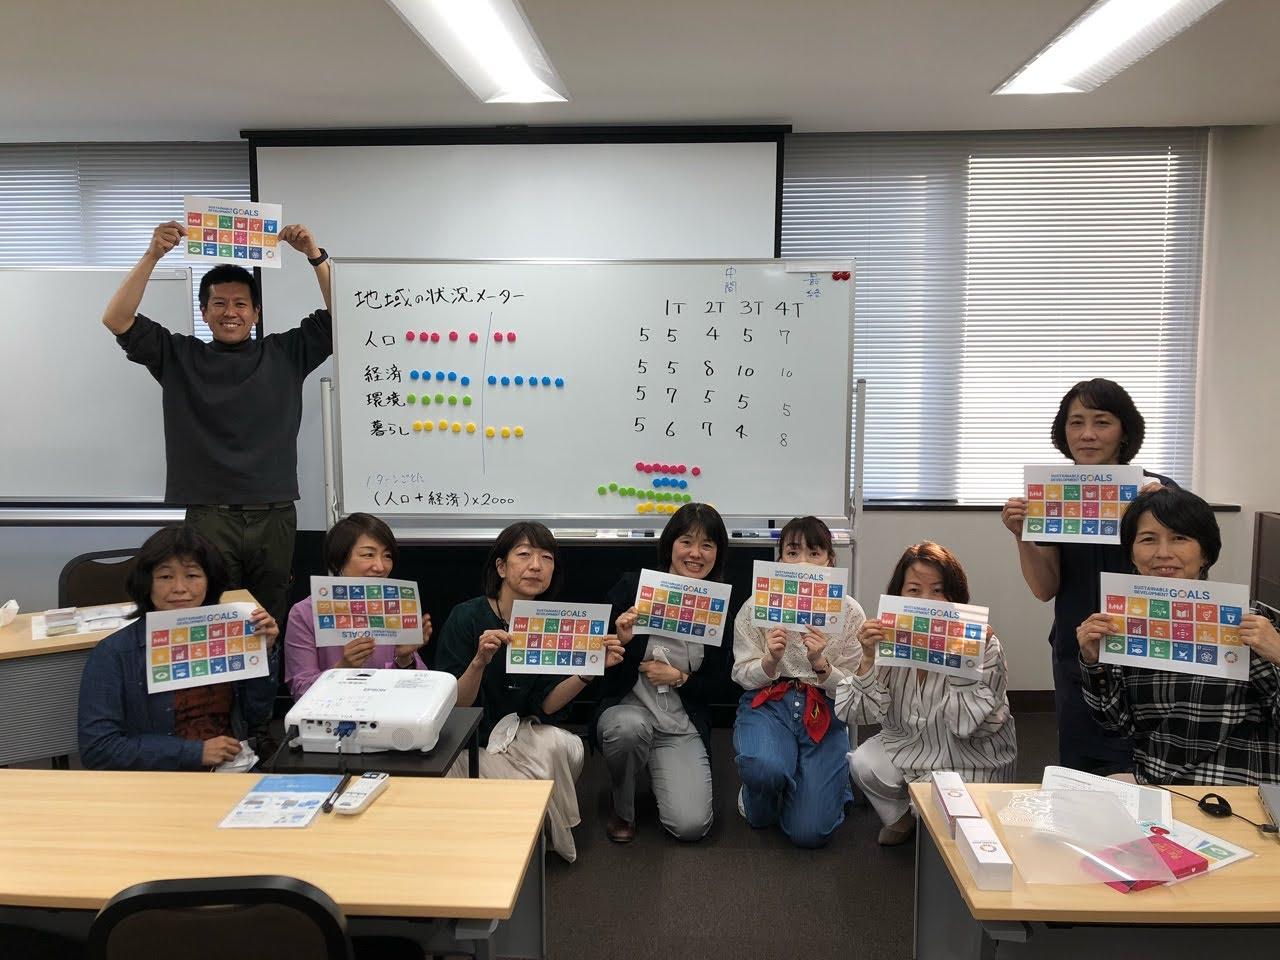 楽しみながらSDGsを体感!社員研修で「SDGsカードゲーム」をやってみた│グリーゼ